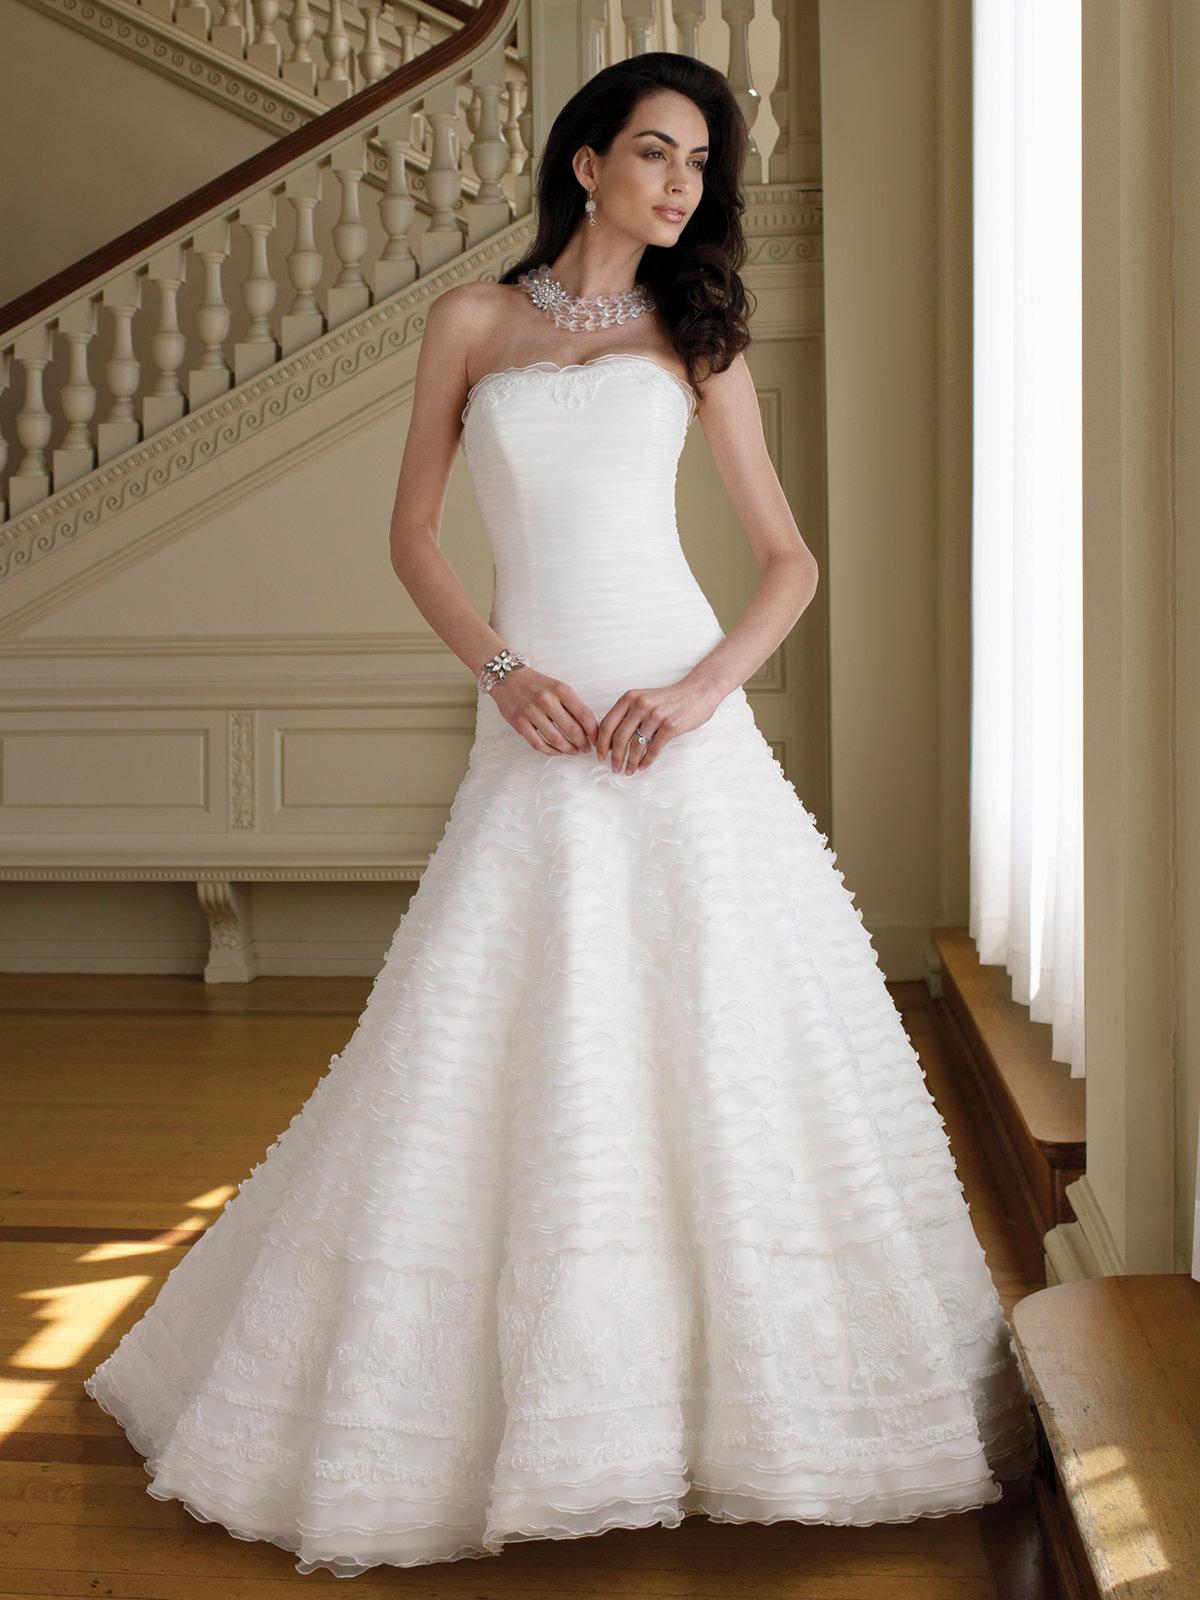 его свадебные платья фотографии женщины большинстве